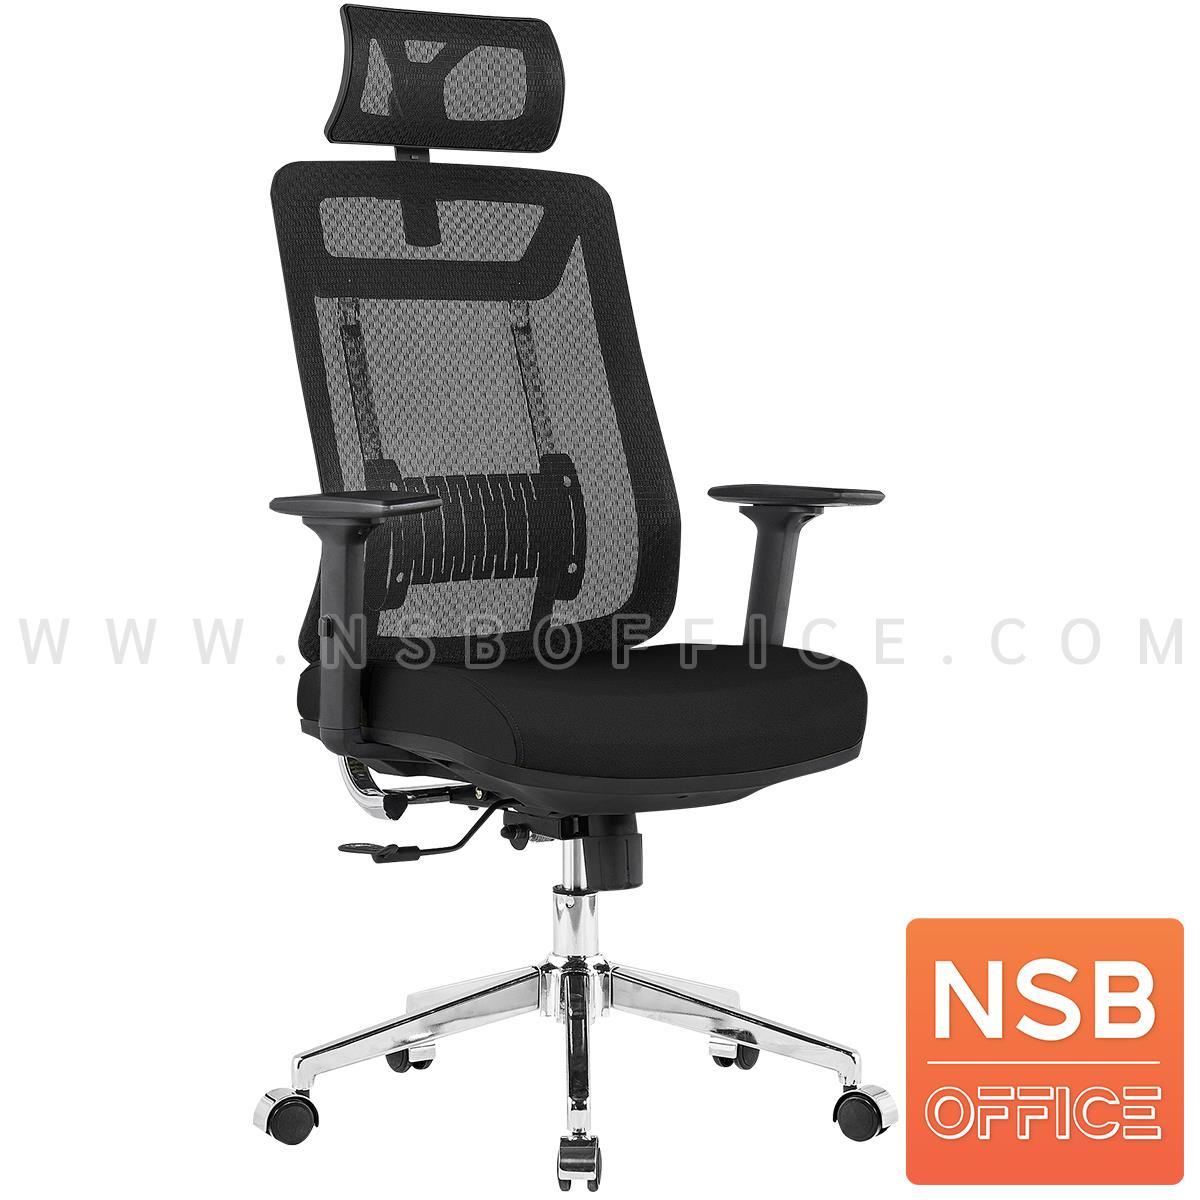 B28A125:เก้าอี้ผู้บริหารหลังเน็ต รุ่น Delphin (เดลฟิน)  โช๊คแก๊ส ก้อนโยก ขาเหล็กชุบโครเมี่ยม